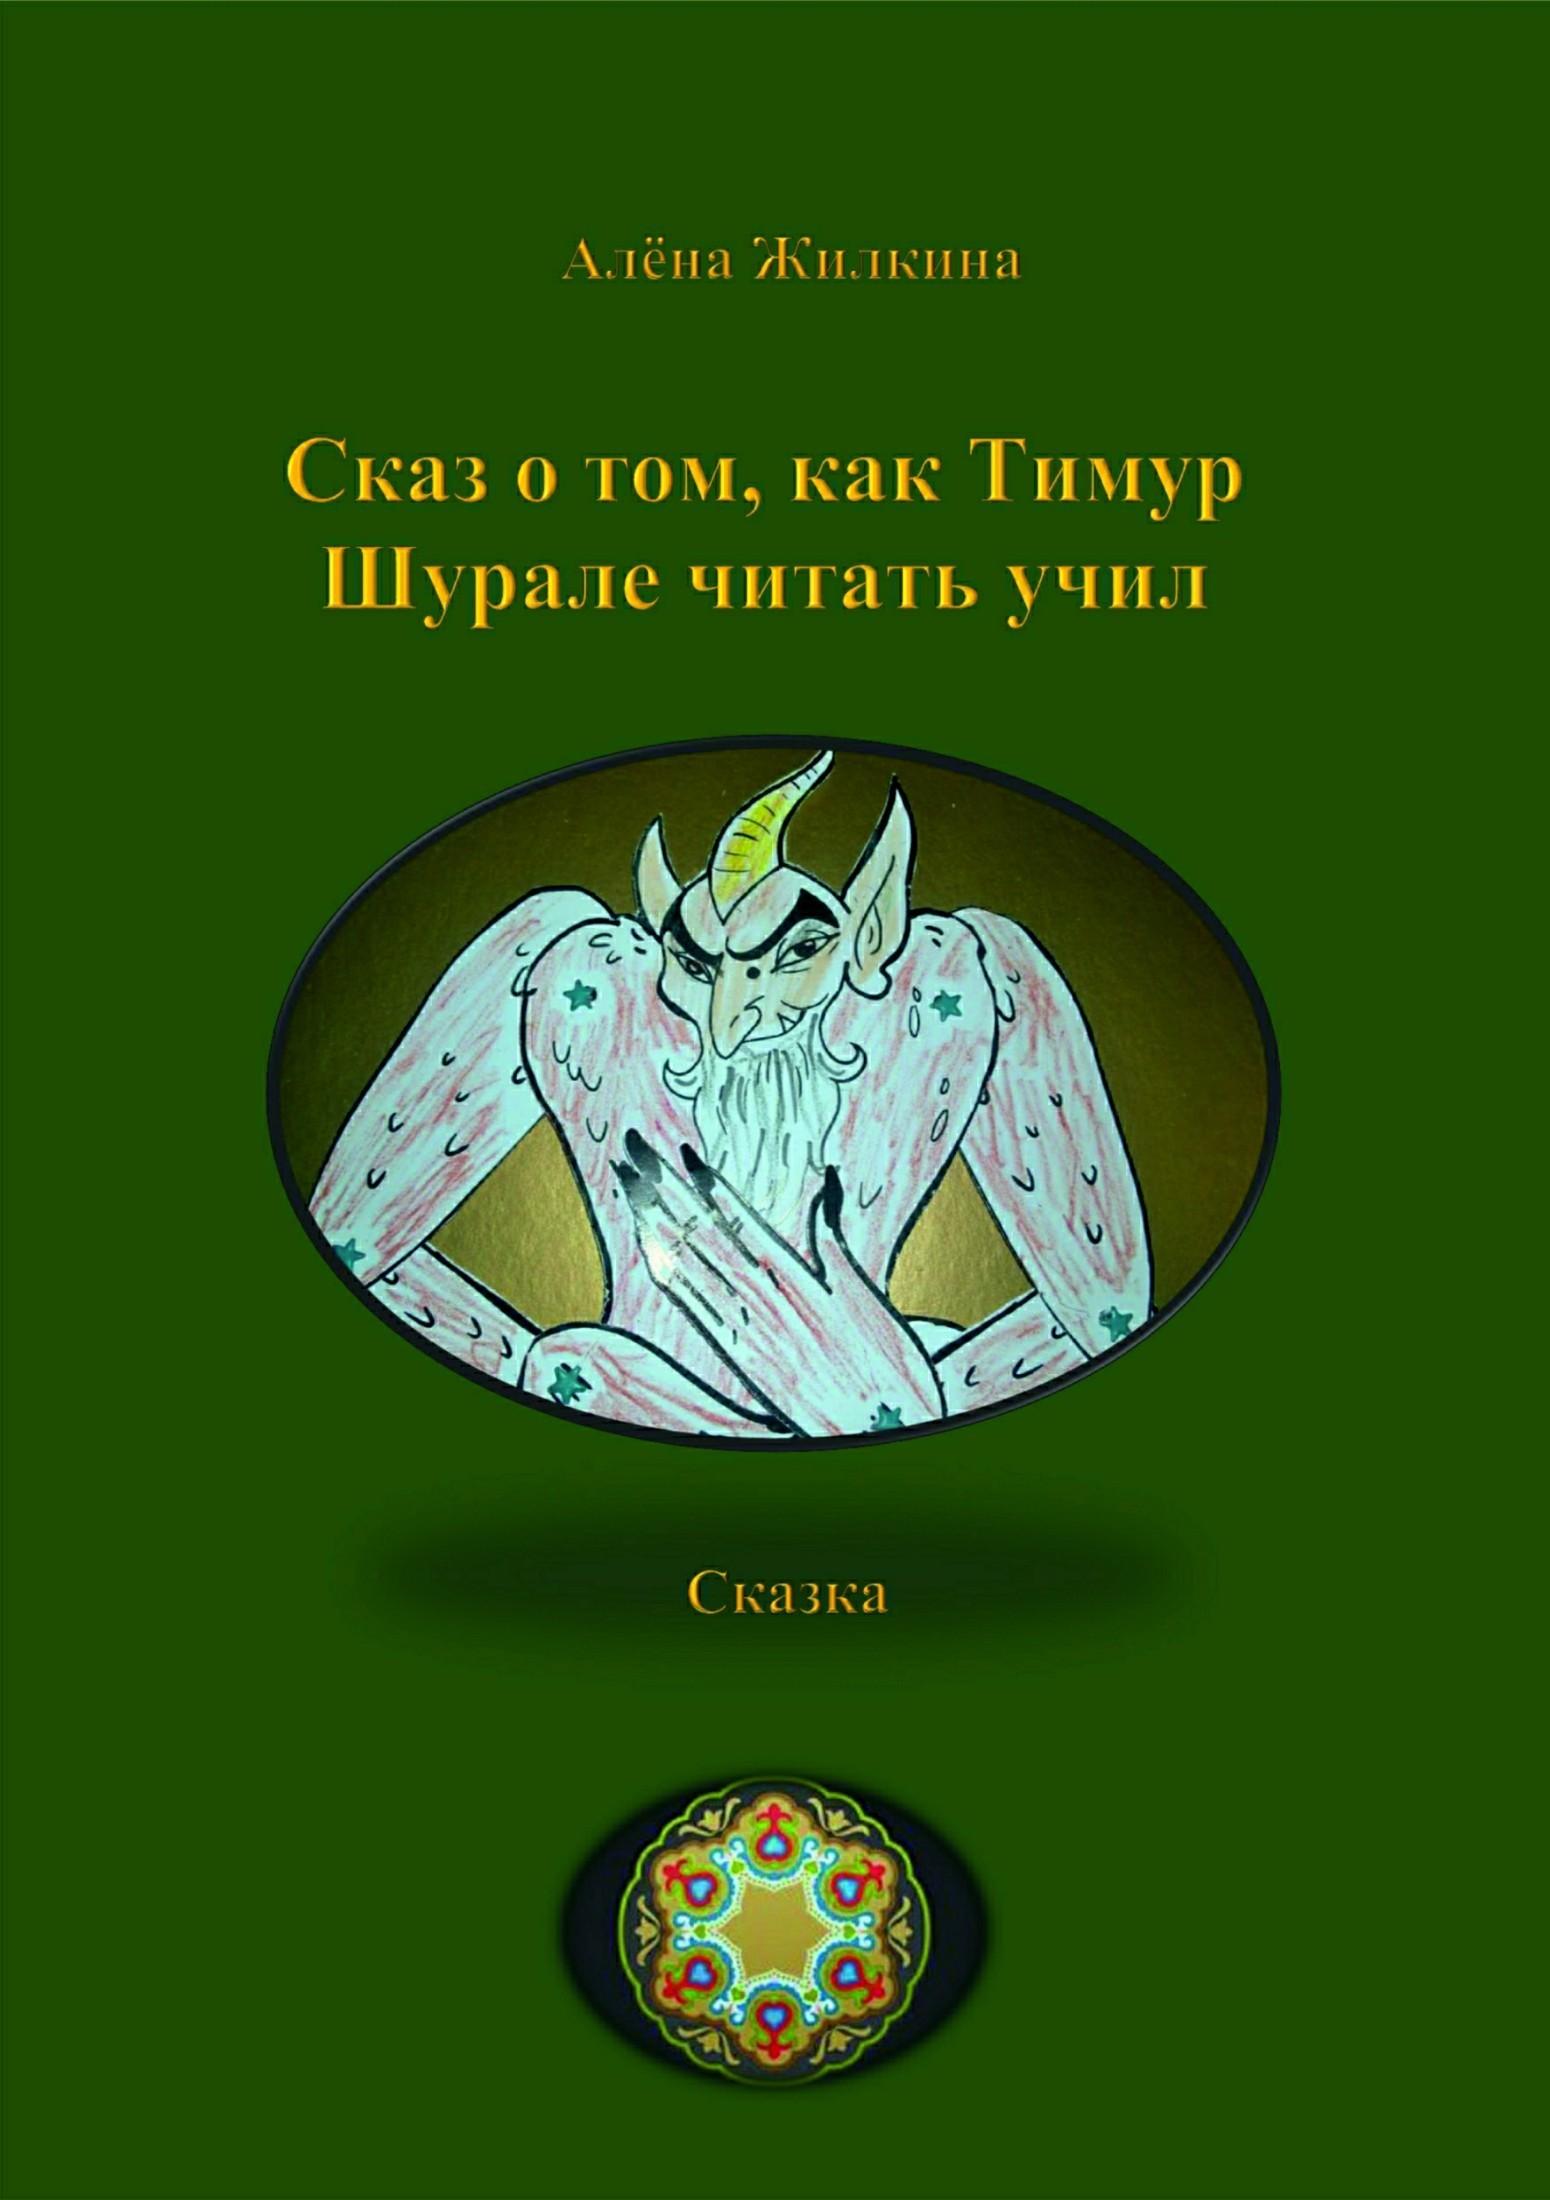 Алёна Владимировна Жилкина Сказ о том, как Тимур Шурале читать учил хозяин уральской тайг